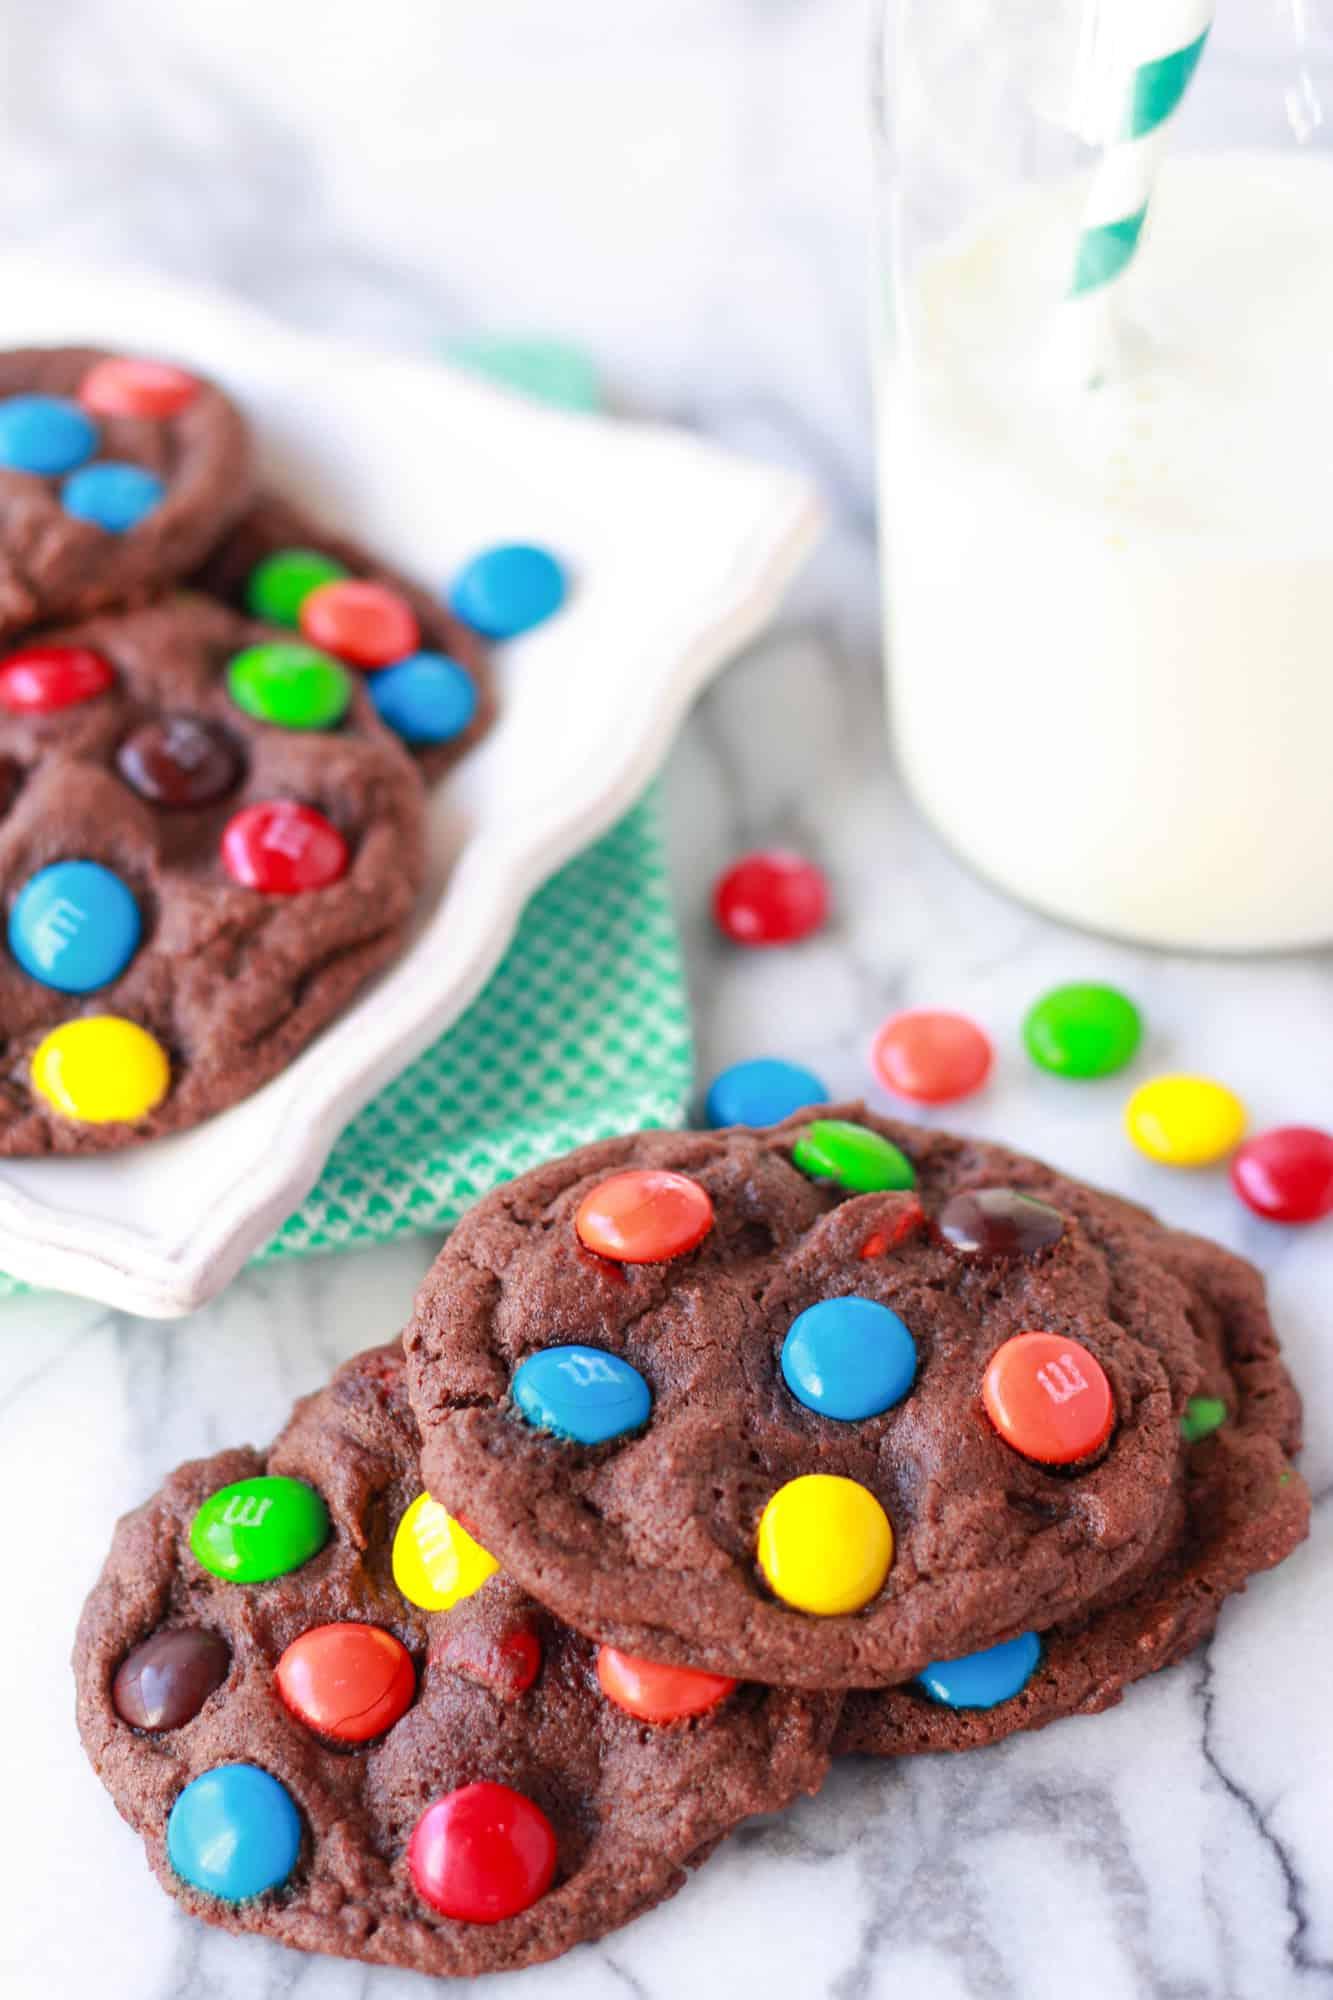 choc m&m cookies